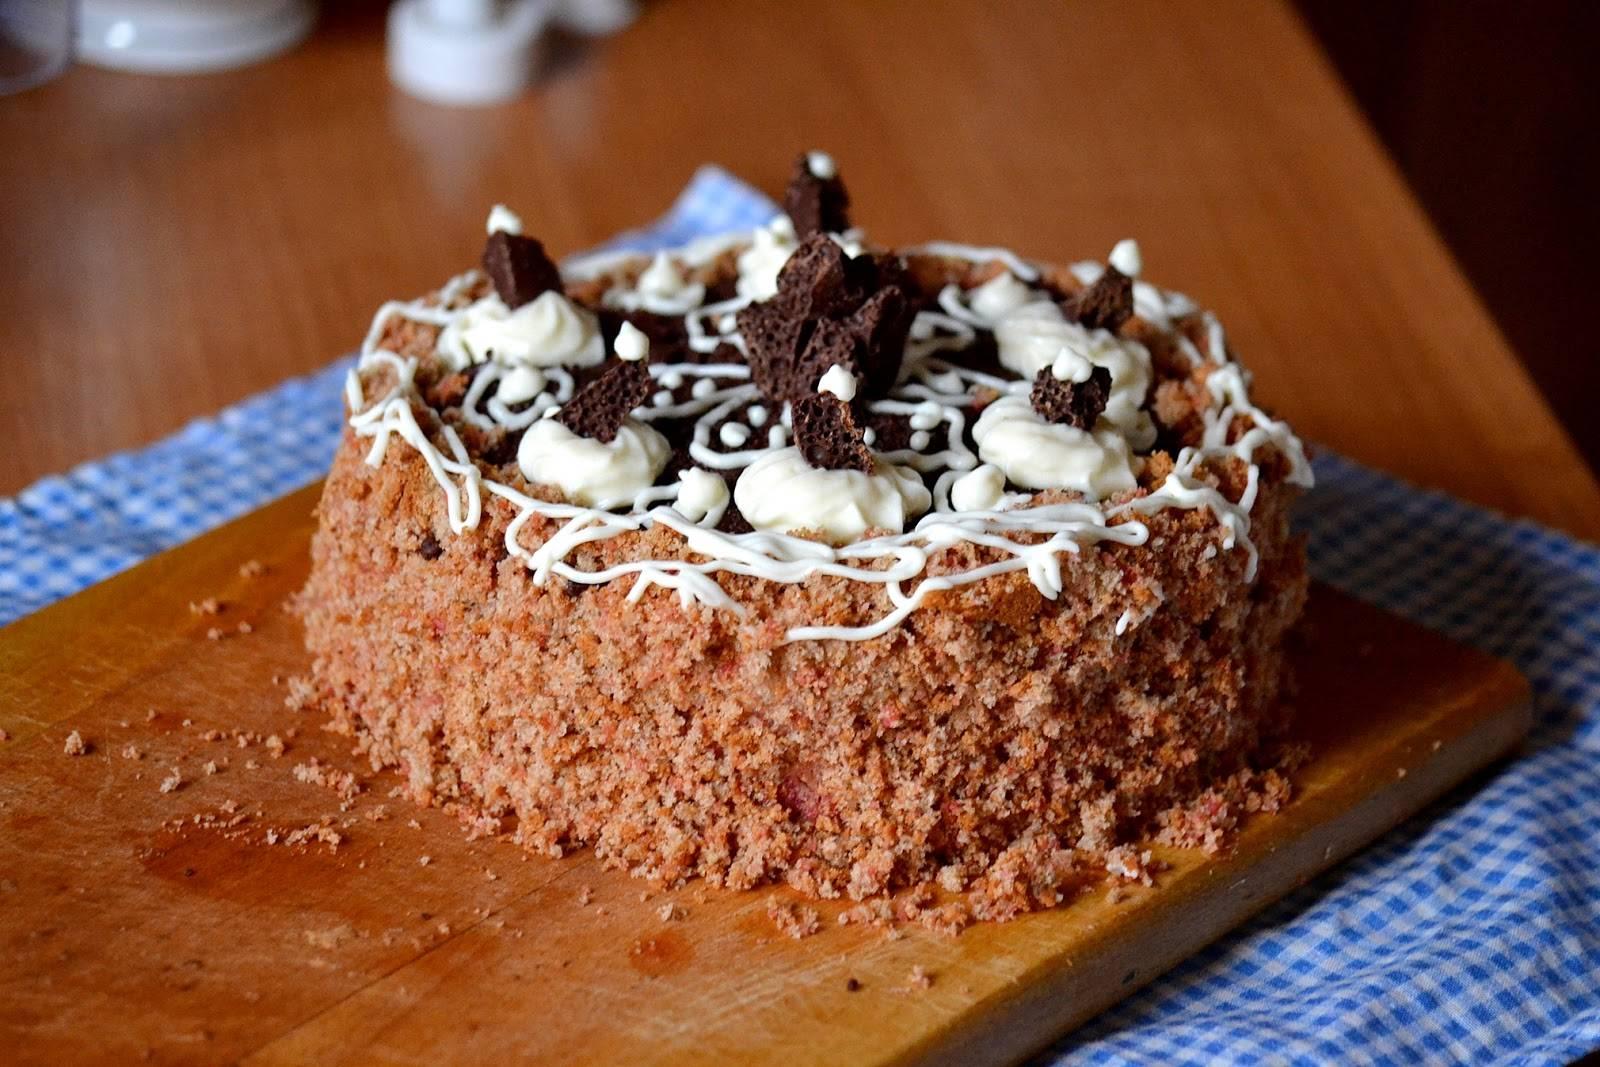 Как приготовить бисквитный торт с заварным кремом по рецепту с фото